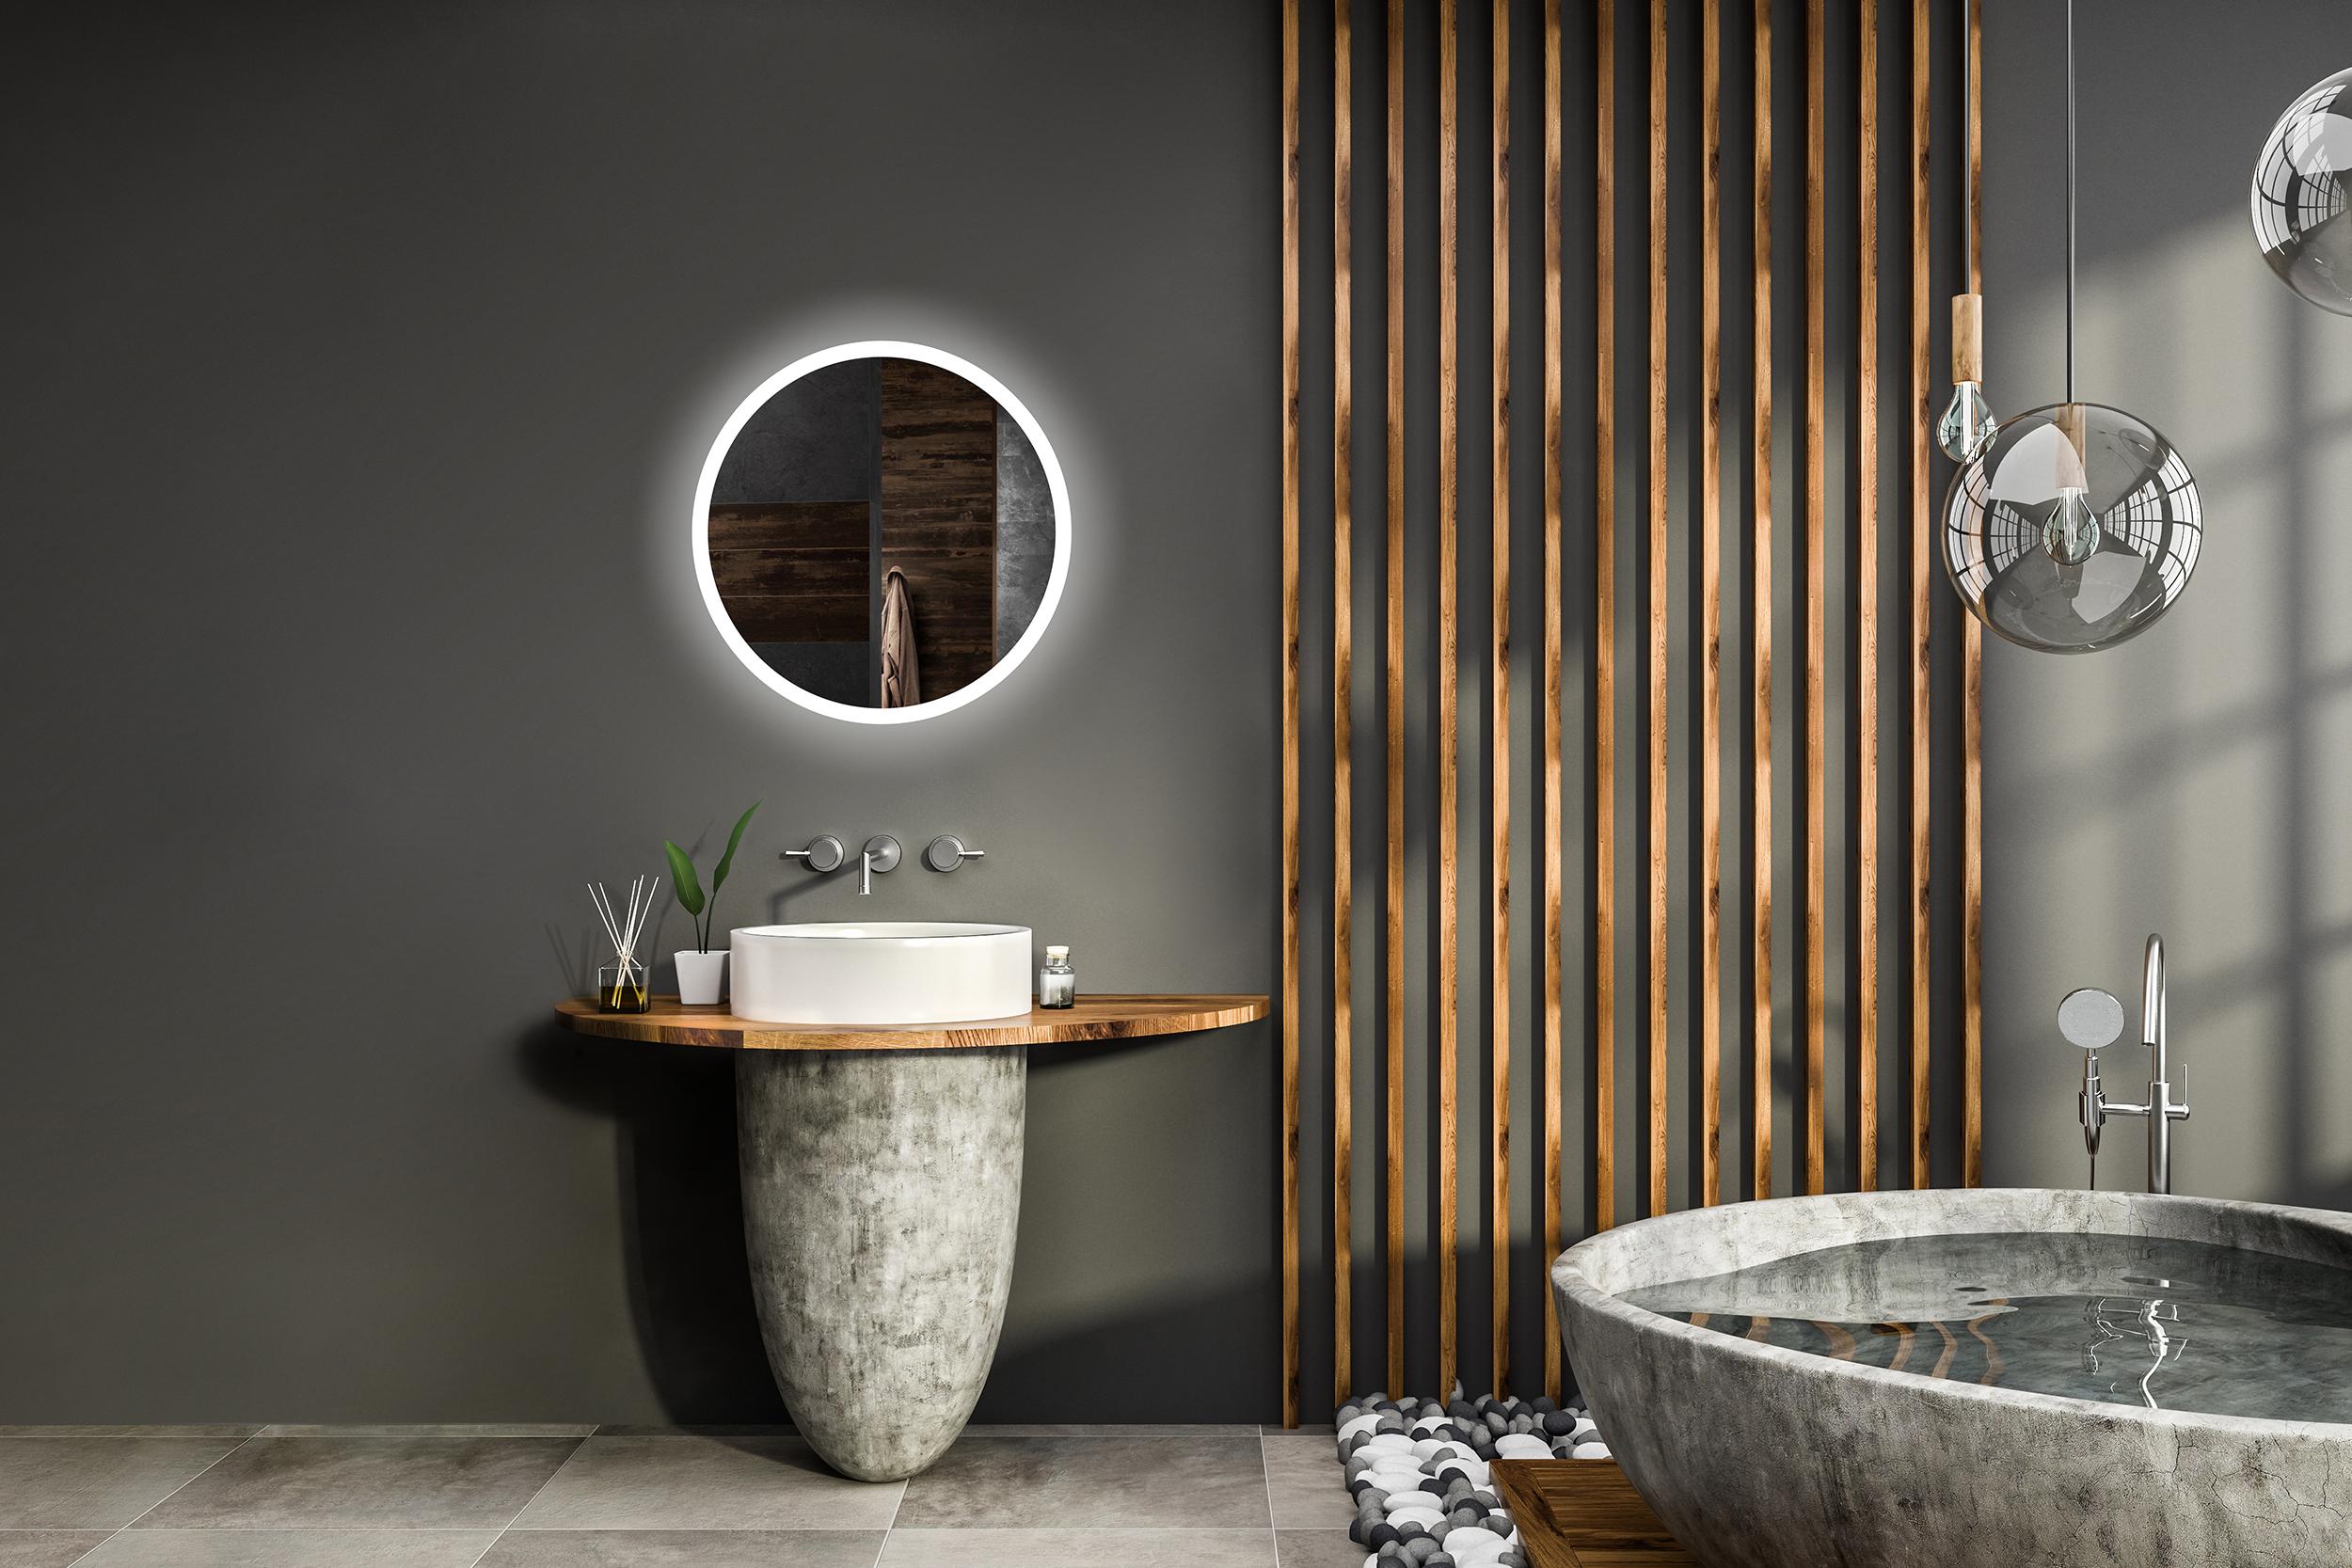 [Bundle] Badspiegel mit LED Beleuchtung LED Spiegel Wandspiegel  Lichtspiegel Badezimmerspiegel Gäste WC 50 x 70 cm / 60 x 80 cm